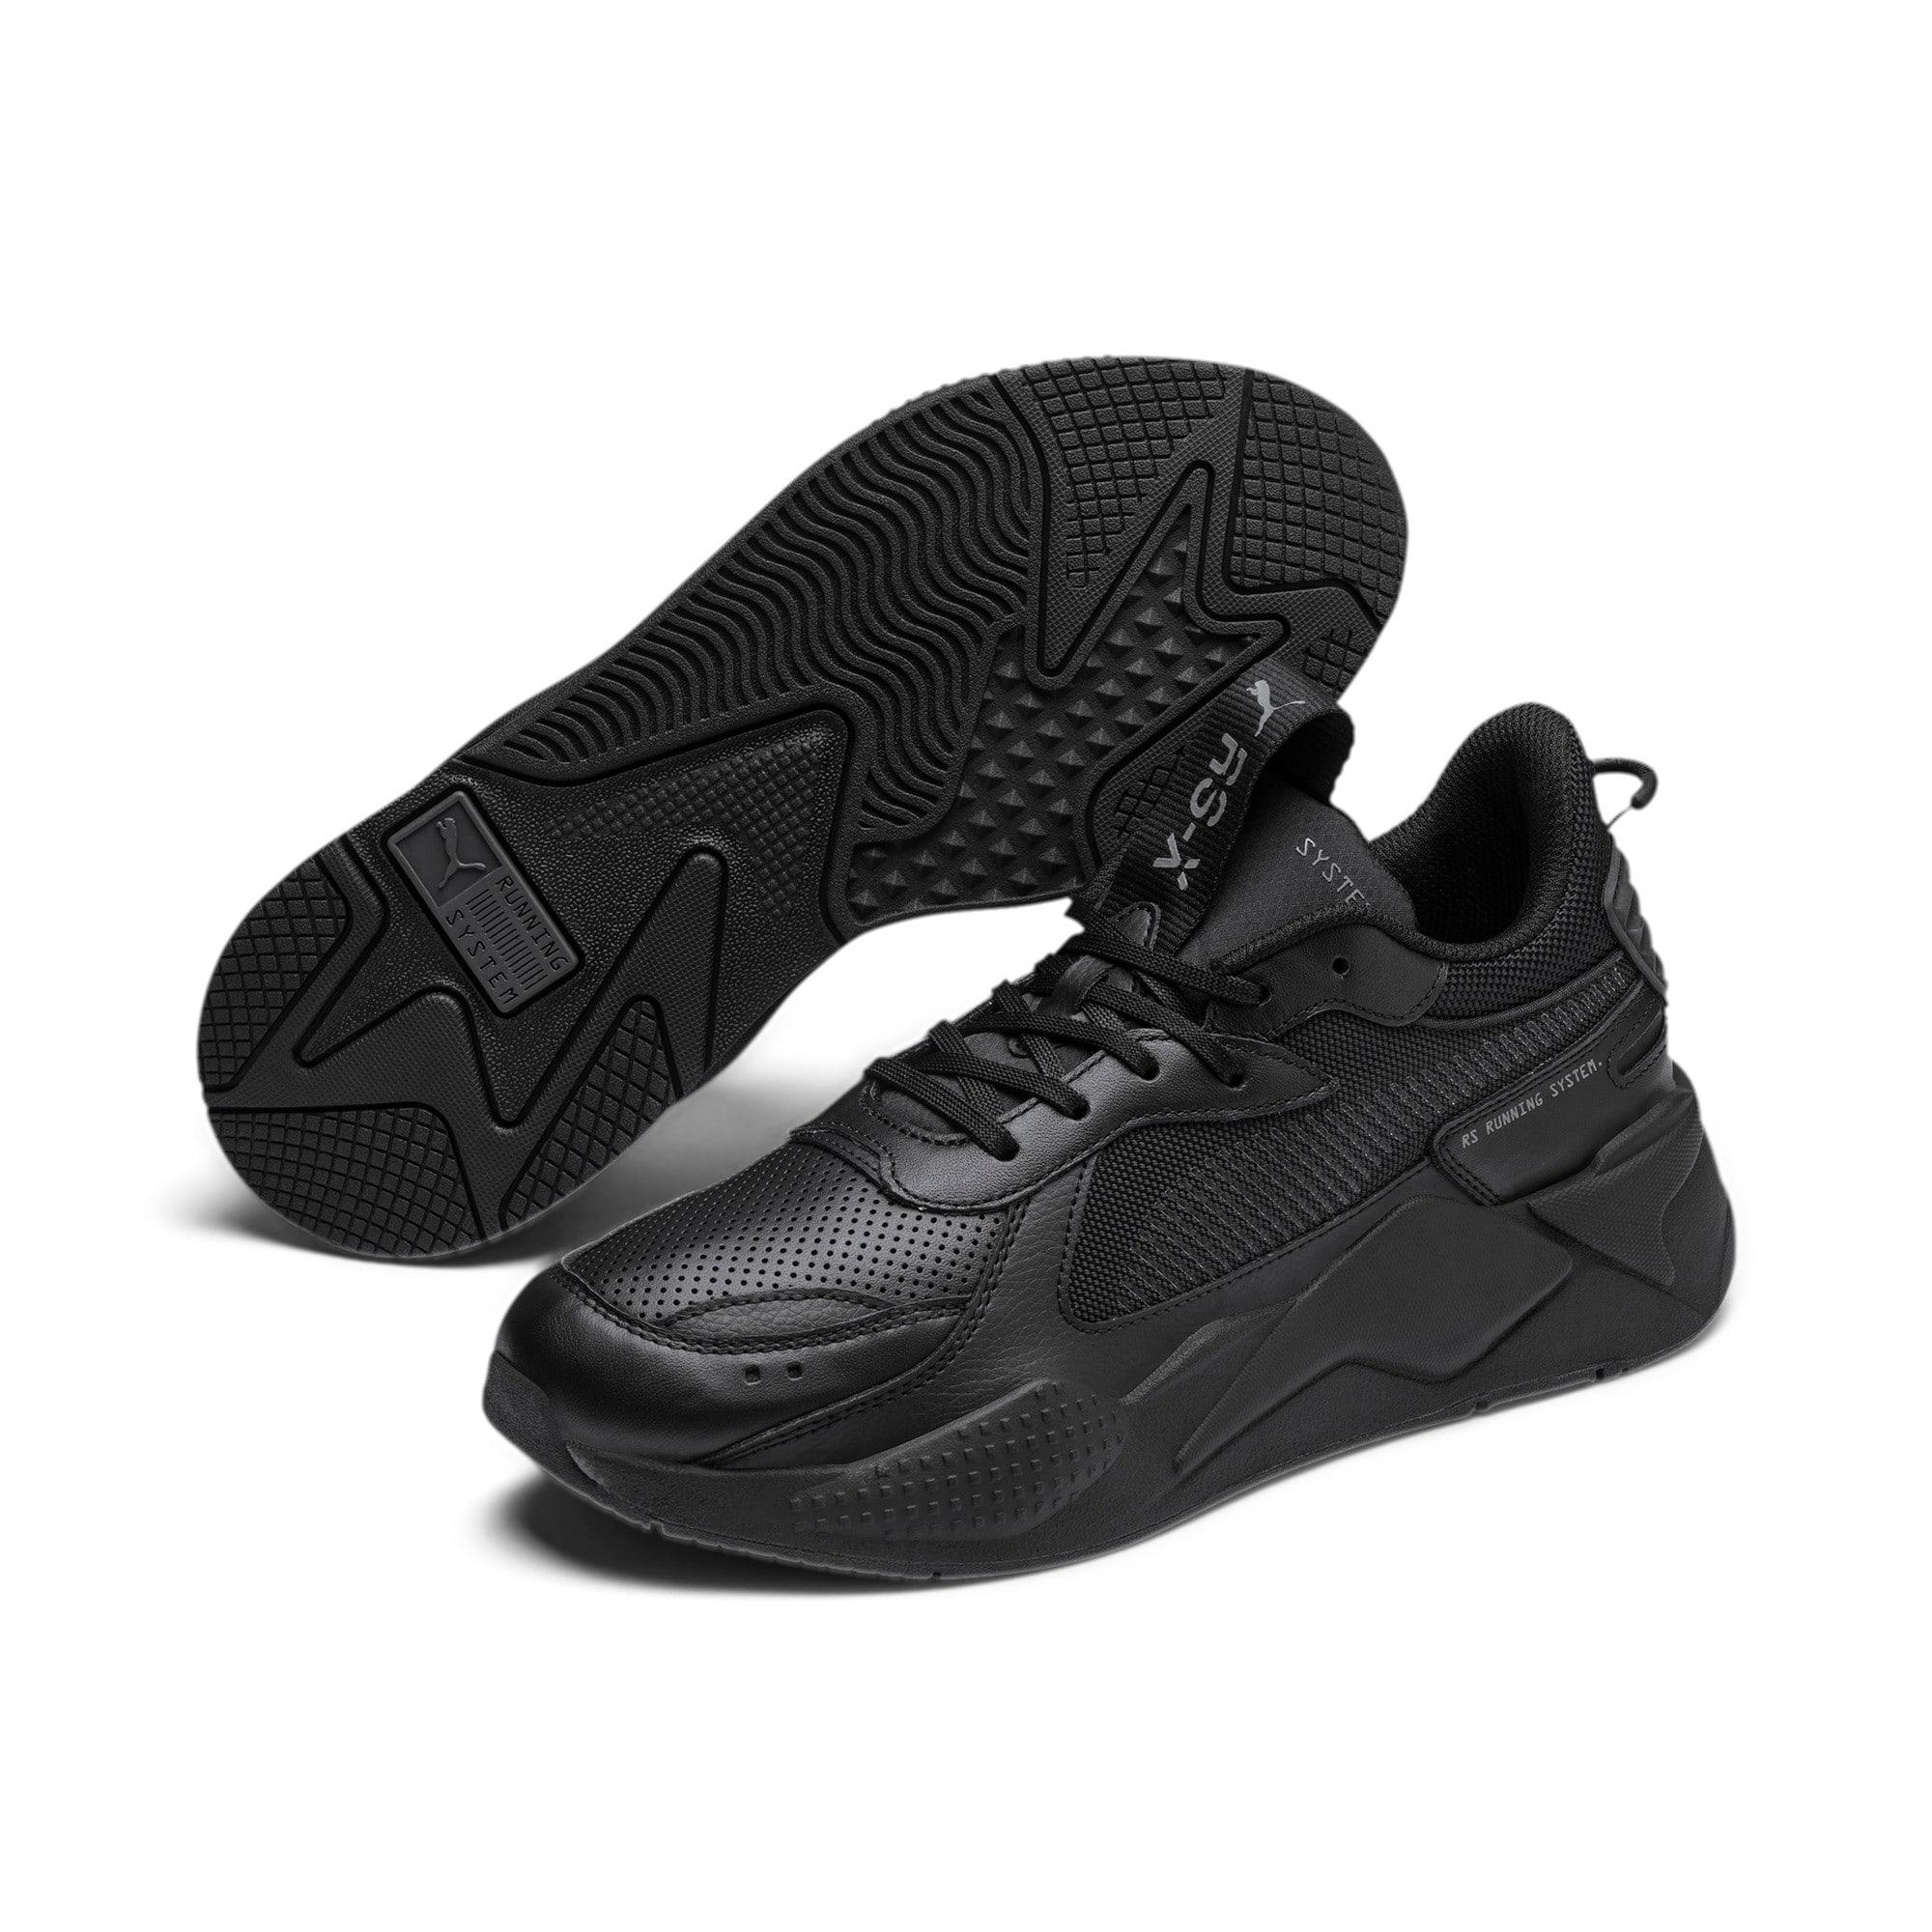 Thumbnail 3 of RS-X Winterised Trainers, Puma Black, medium